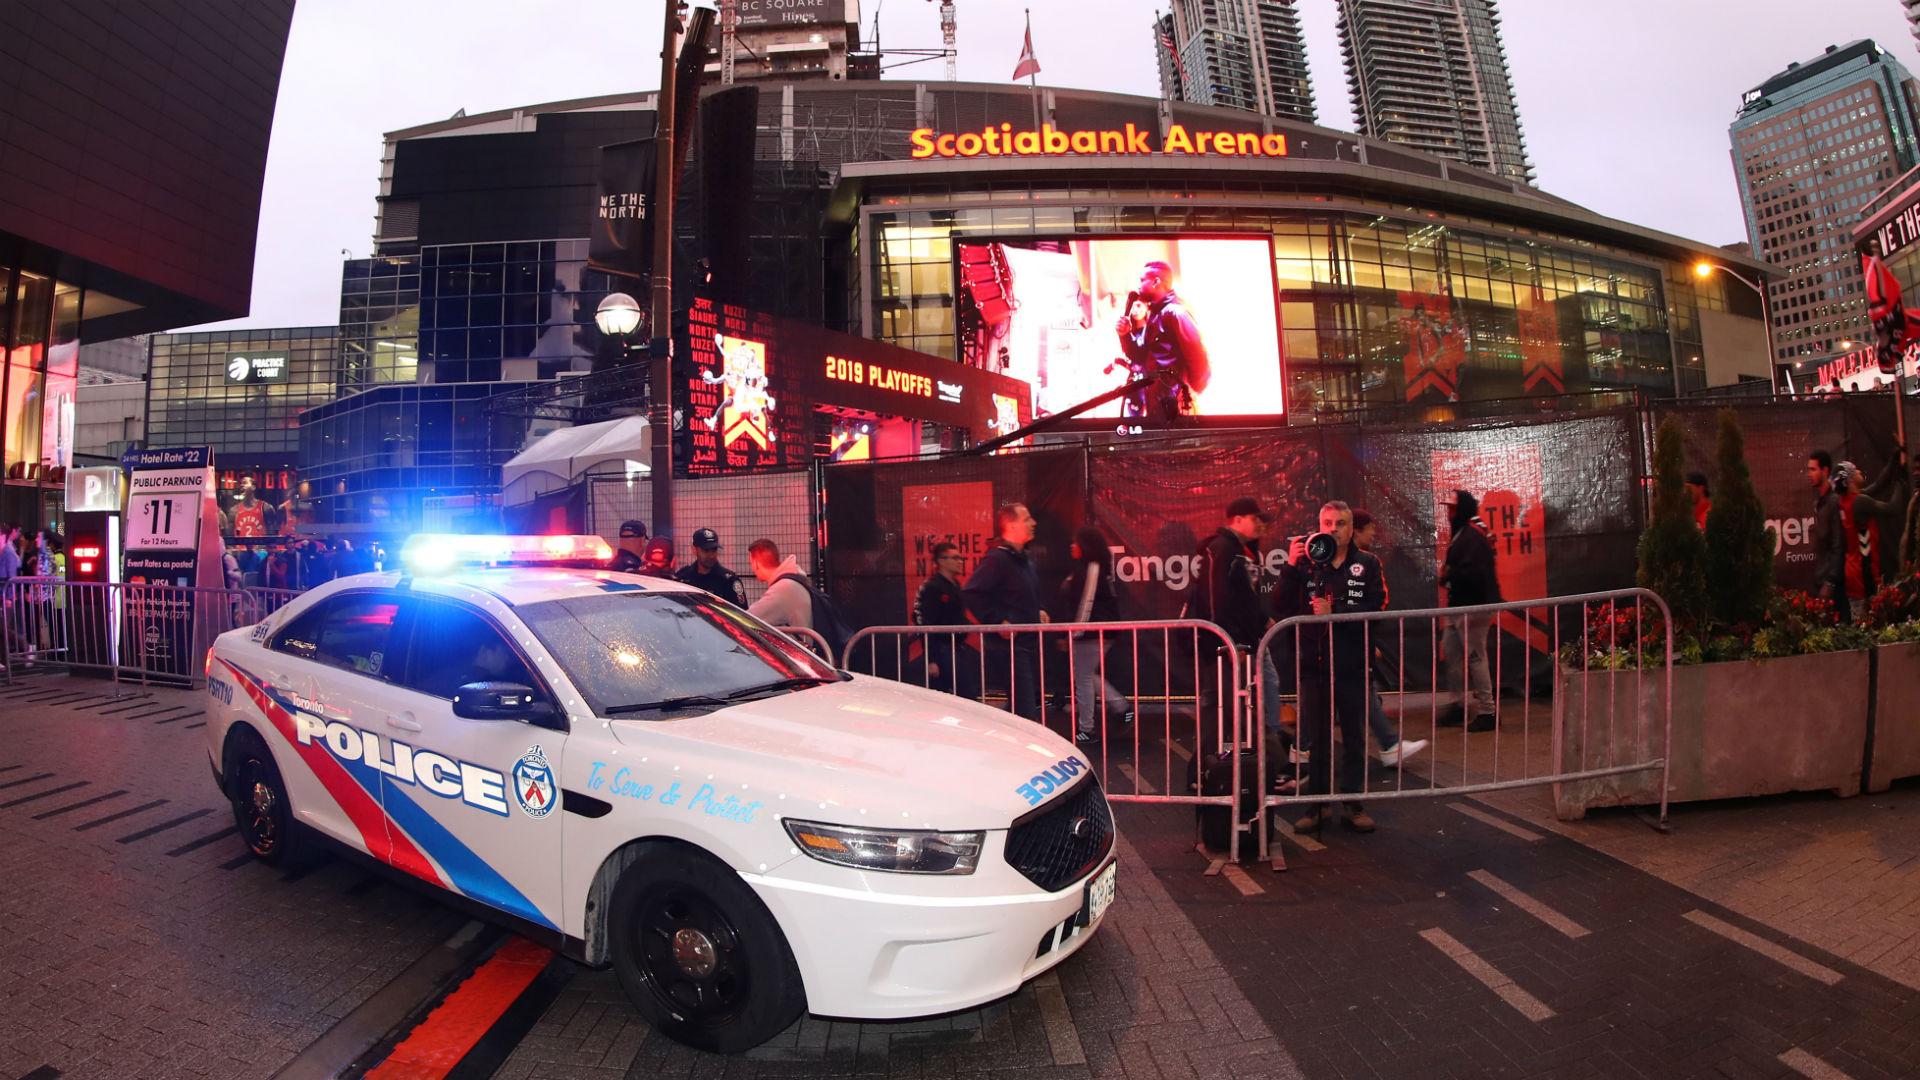 Two injured in Toronto shooting